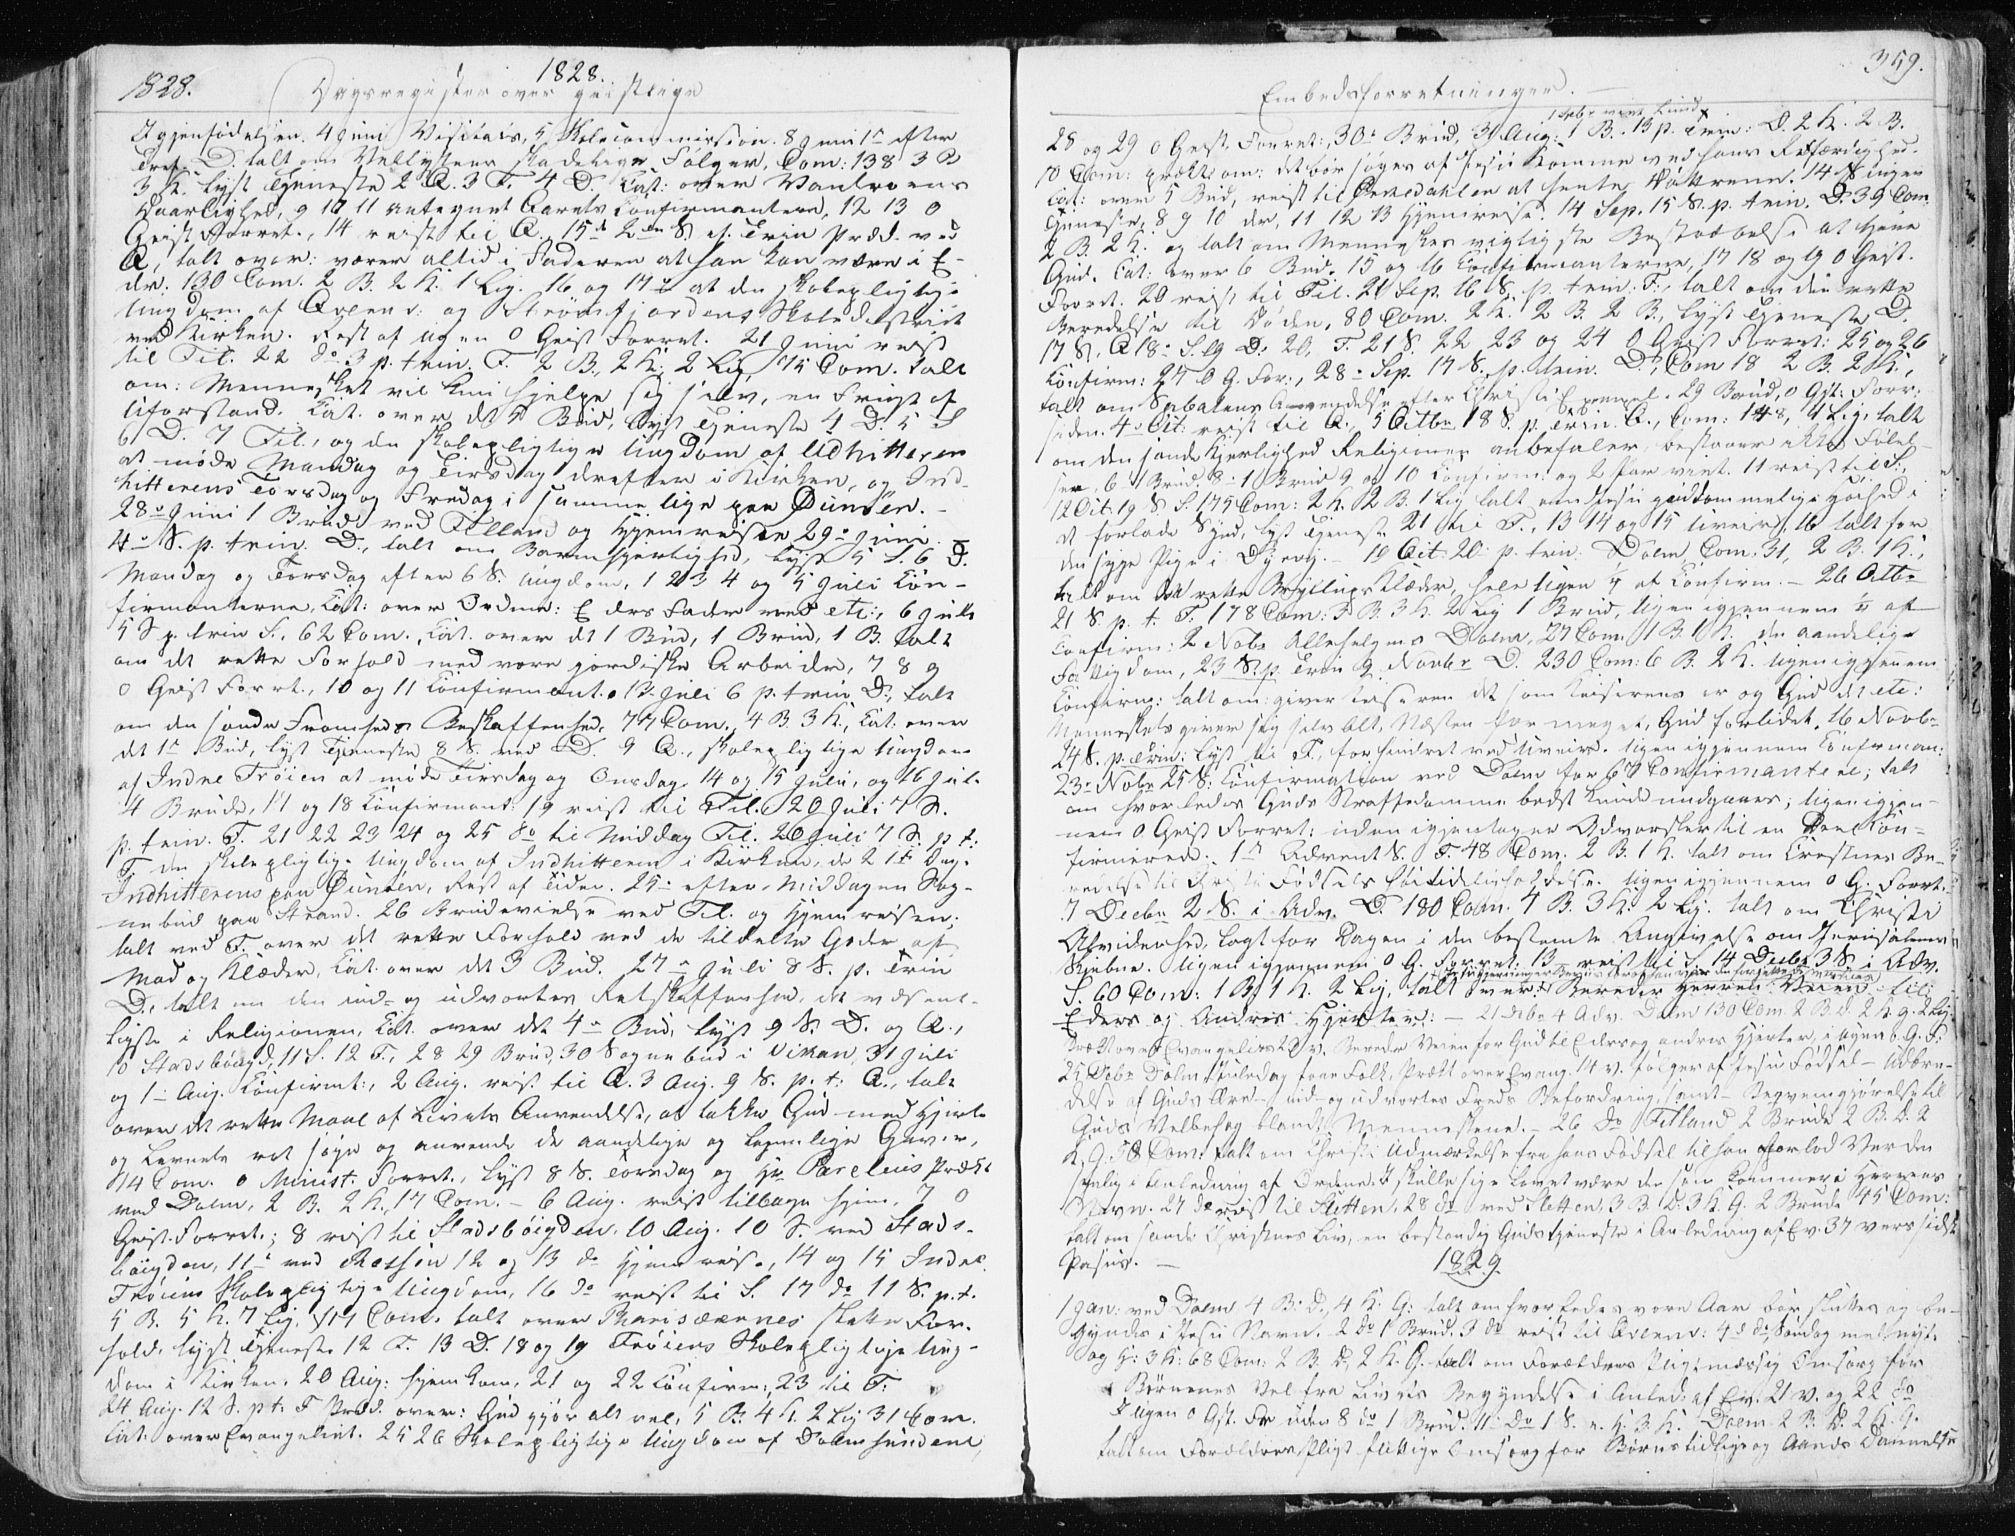 SAT, Ministerialprotokoller, klokkerbøker og fødselsregistre - Sør-Trøndelag, 634/L0528: Ministerialbok nr. 634A04, 1827-1842, s. 359